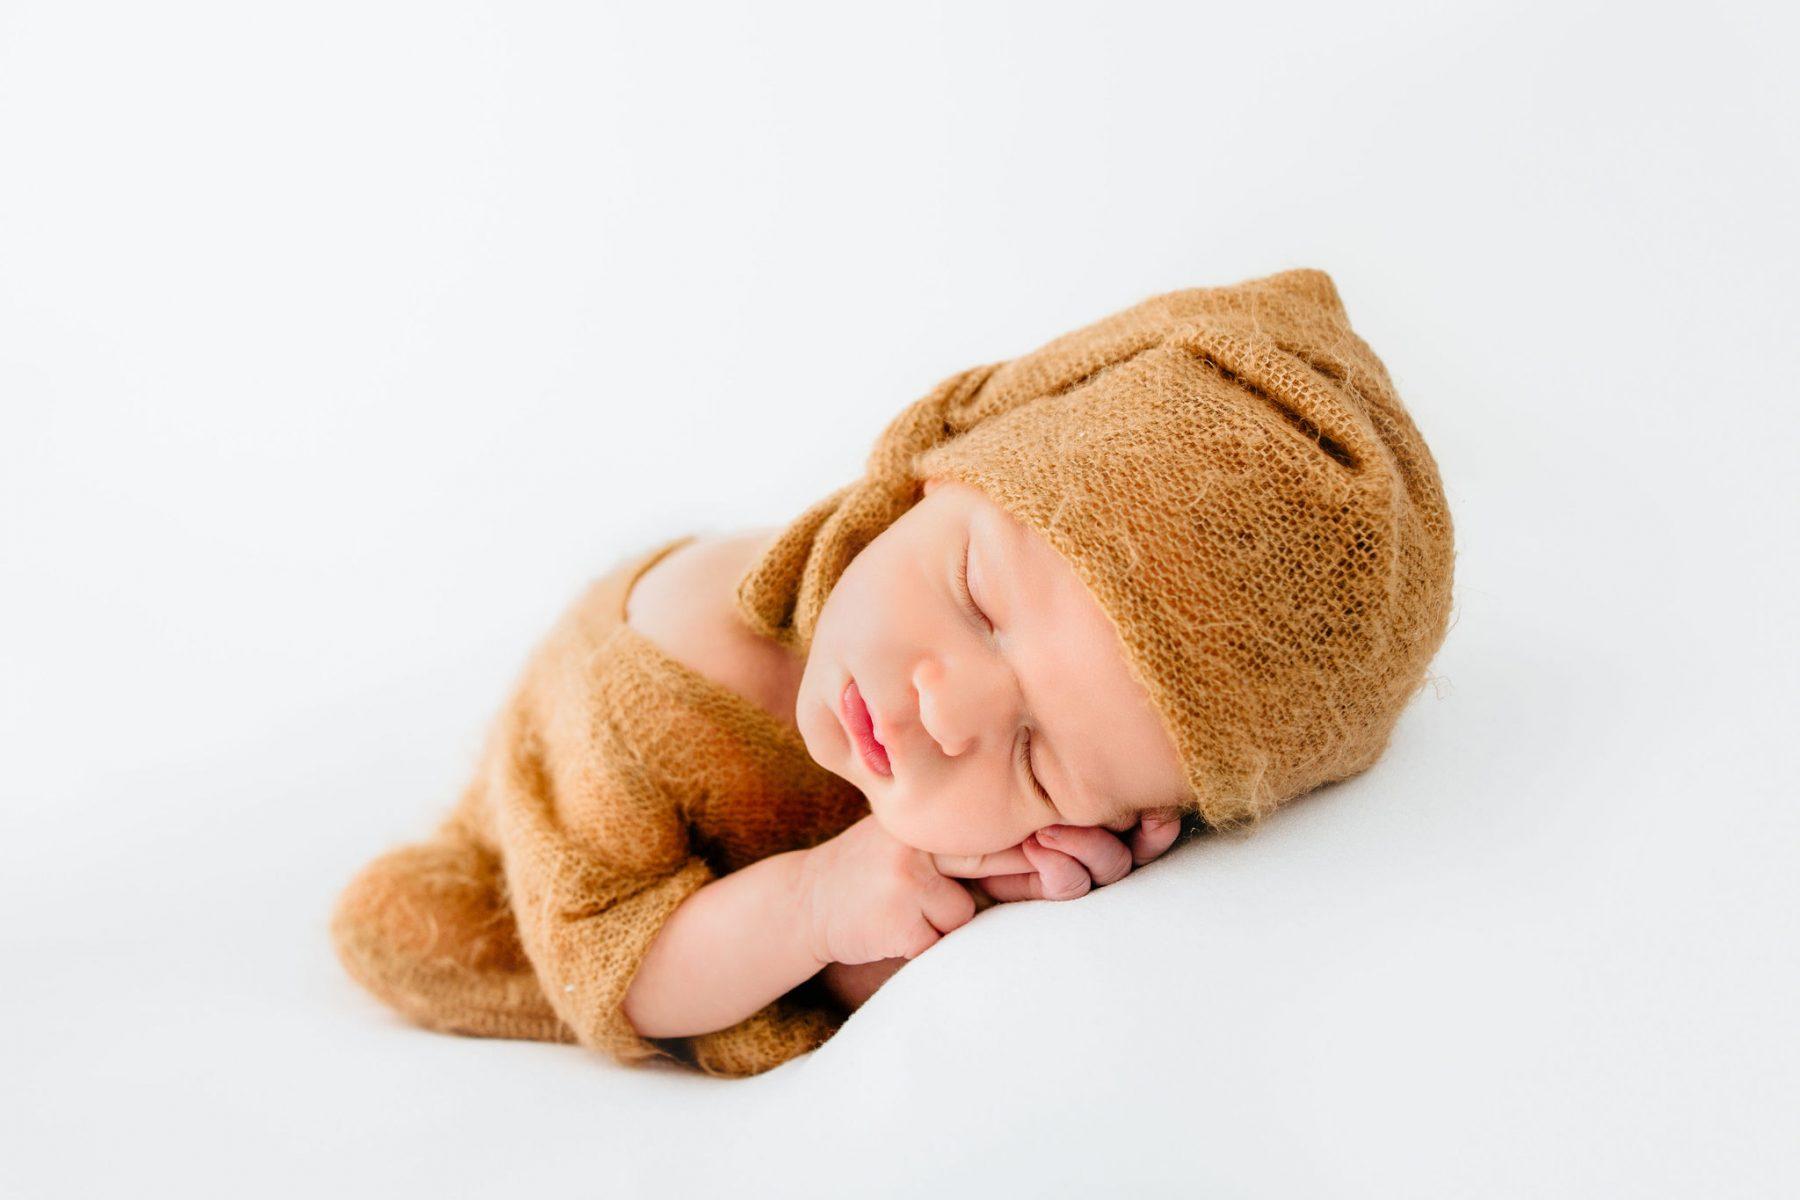 Novorojencek E - Luanina pravljica - fotografiranje nosečnic, novorojenckov, druzinic, nosecniska fotografija 0013